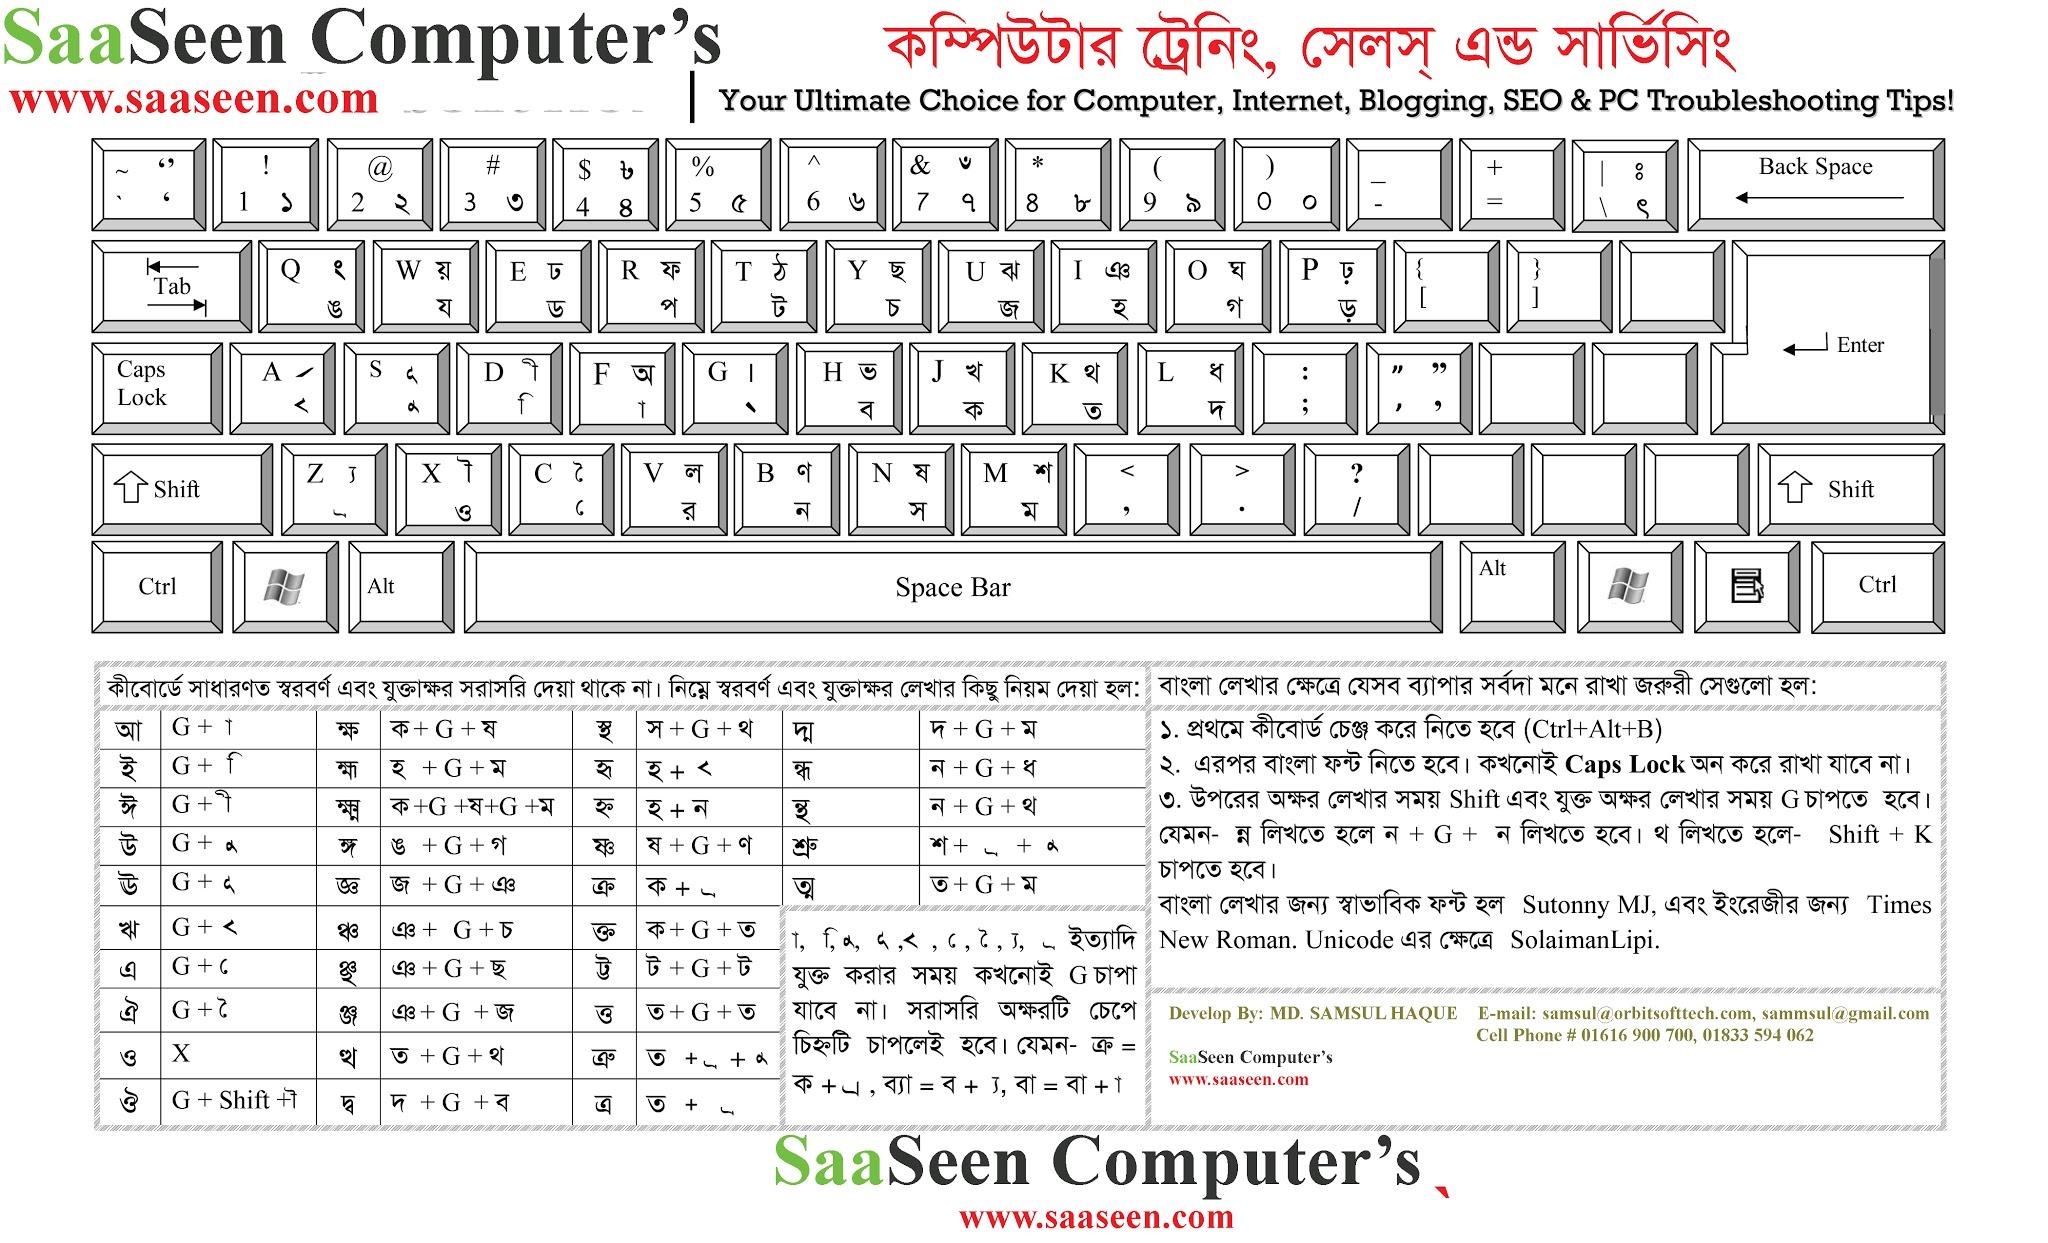 How To type bangla with Bijoy Bangla keyboard.How To Write Bangla by Bijoy 52 Keyboard, How To type bangla with Bijoy Bangla keyboard, How To Write Bangla by Bijoy 52 Keyboard, How To type bangla, How To Write Bangla, Bijoy 52 Keyboard, Bijoy 52, Bijoy Bangla keyboard, type bangla with Bijoy Bangla keyboard., type bangla with Bijoy Bangla, Write Bangla by Bijoy 52 Keyboard, Write Bangla by Bijoy 52, How To Write Bangla by Bijoy 52